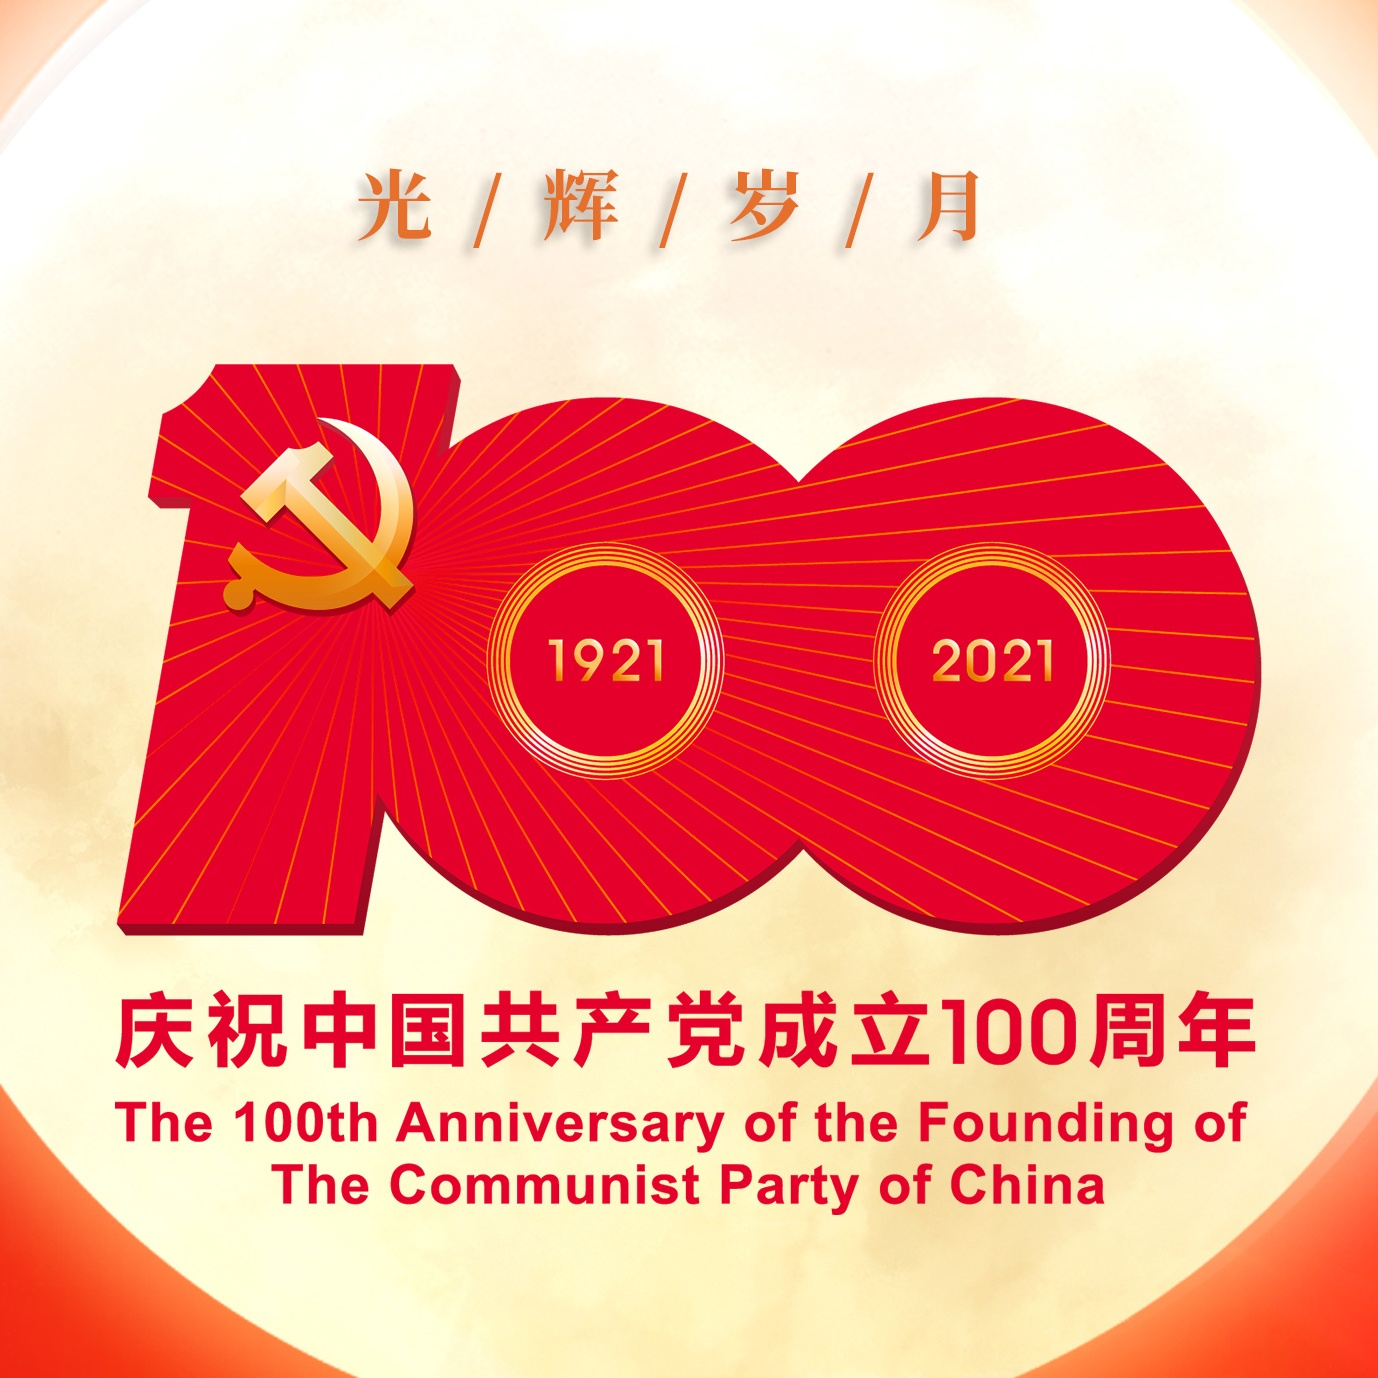 望江县音乐舞蹈工作者协会庆祝建党100周年作品征集